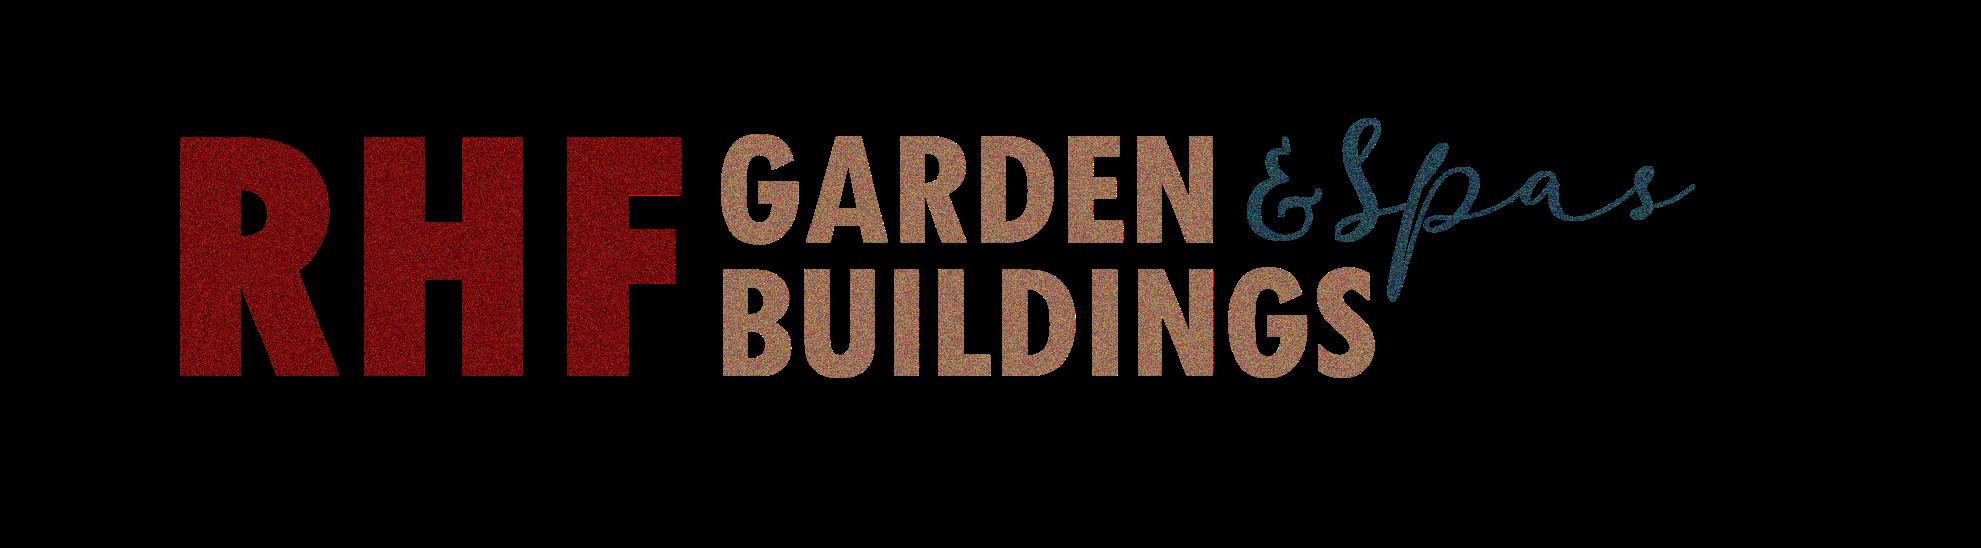 RHF Garden Buildings Isle of Wight